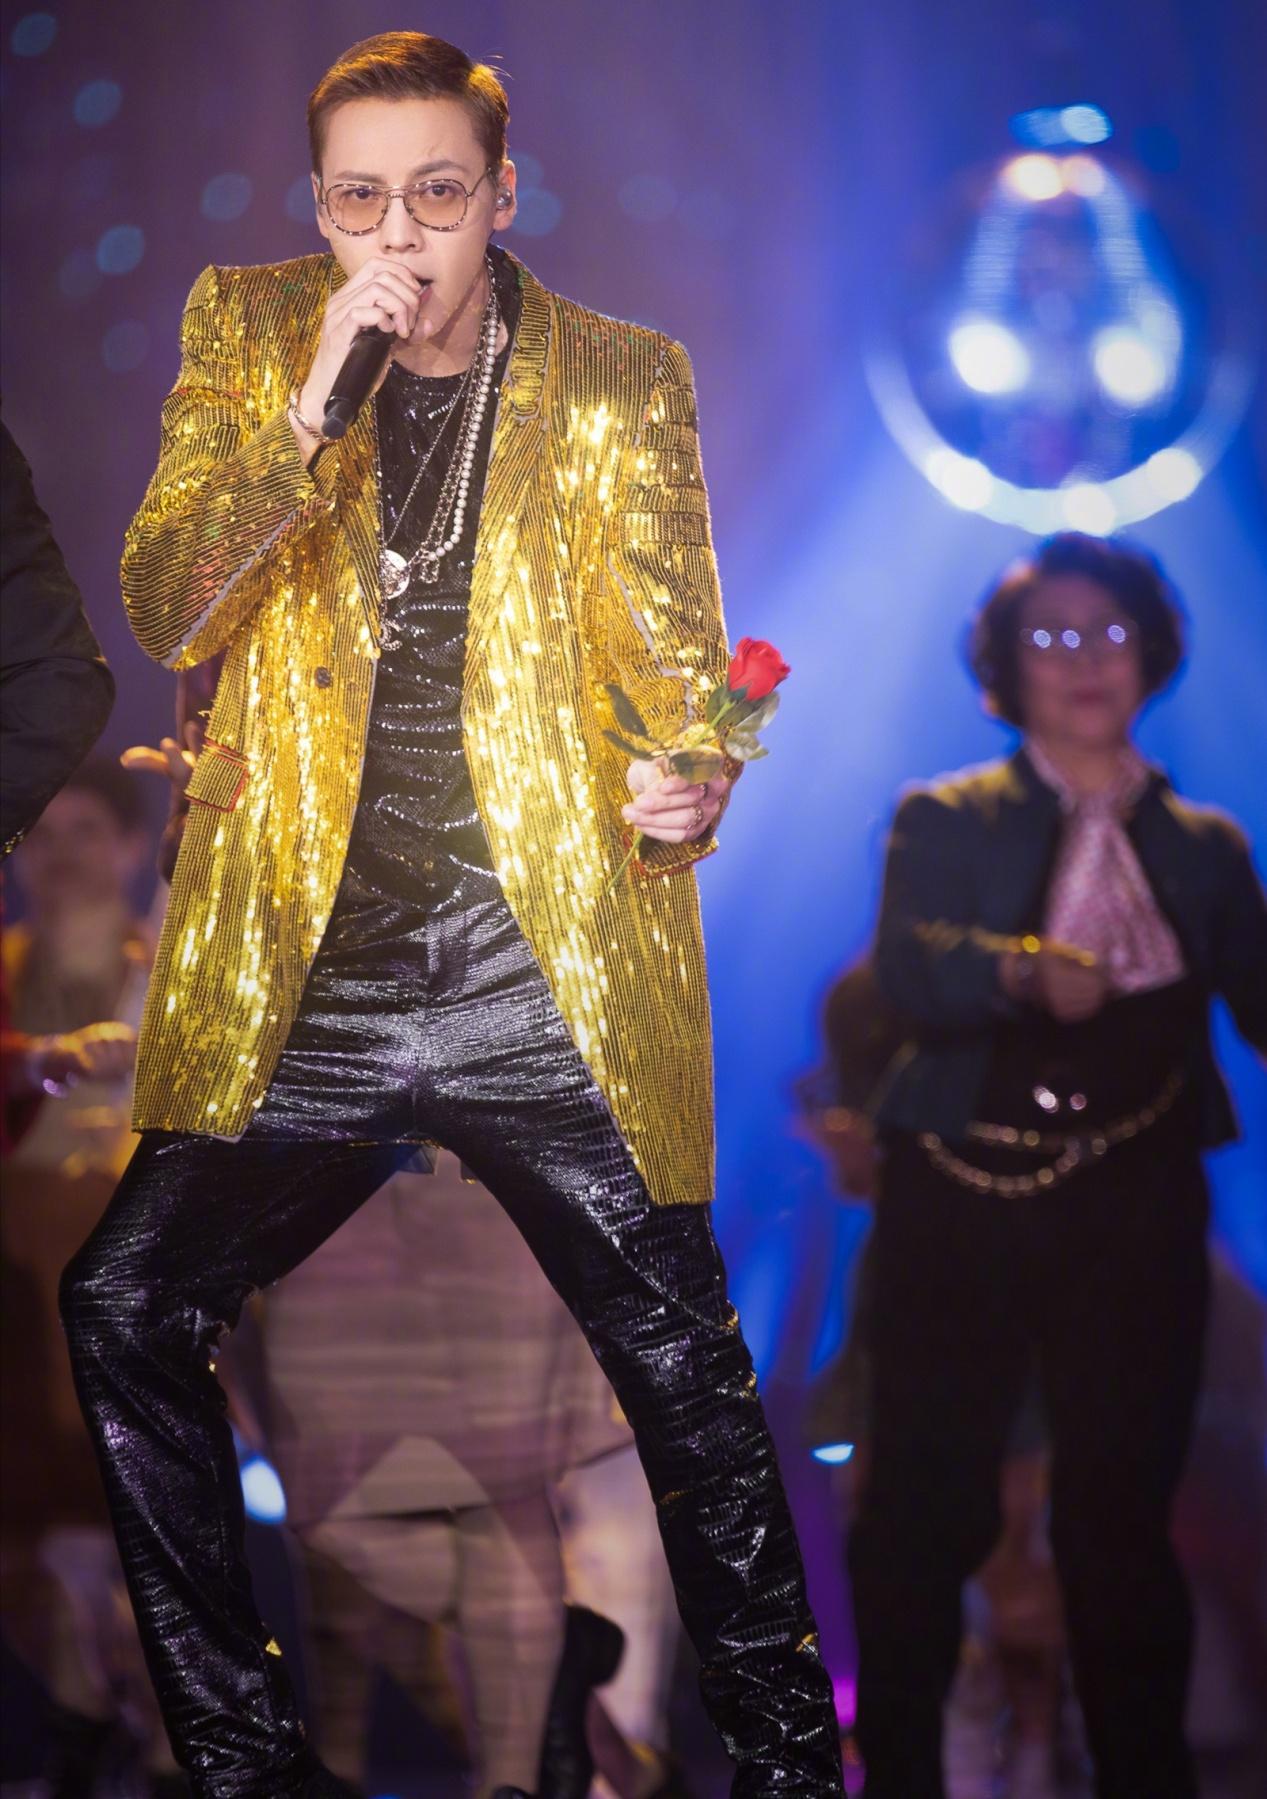 陈伟霆私下调皮,舞台上霸气,一身金色亮片西装好华贵